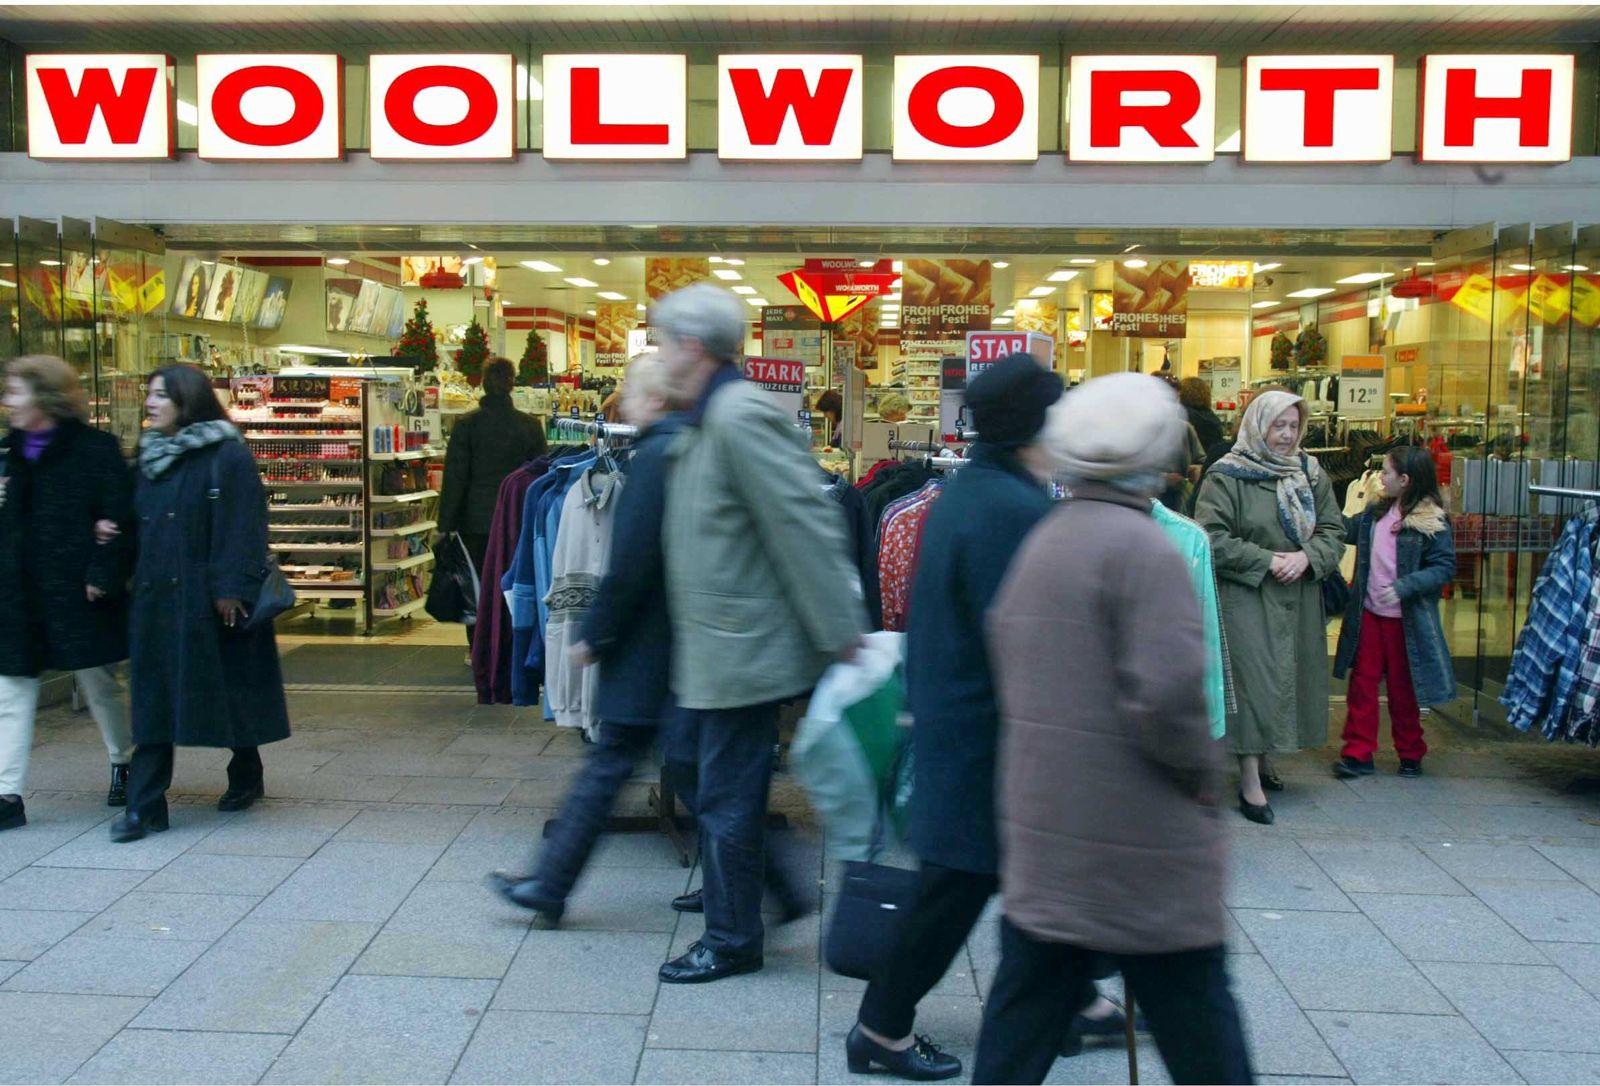 NICHT VERWENDEN Kaufhauskette Woolworth offenbar kurz vor dem Verkauf